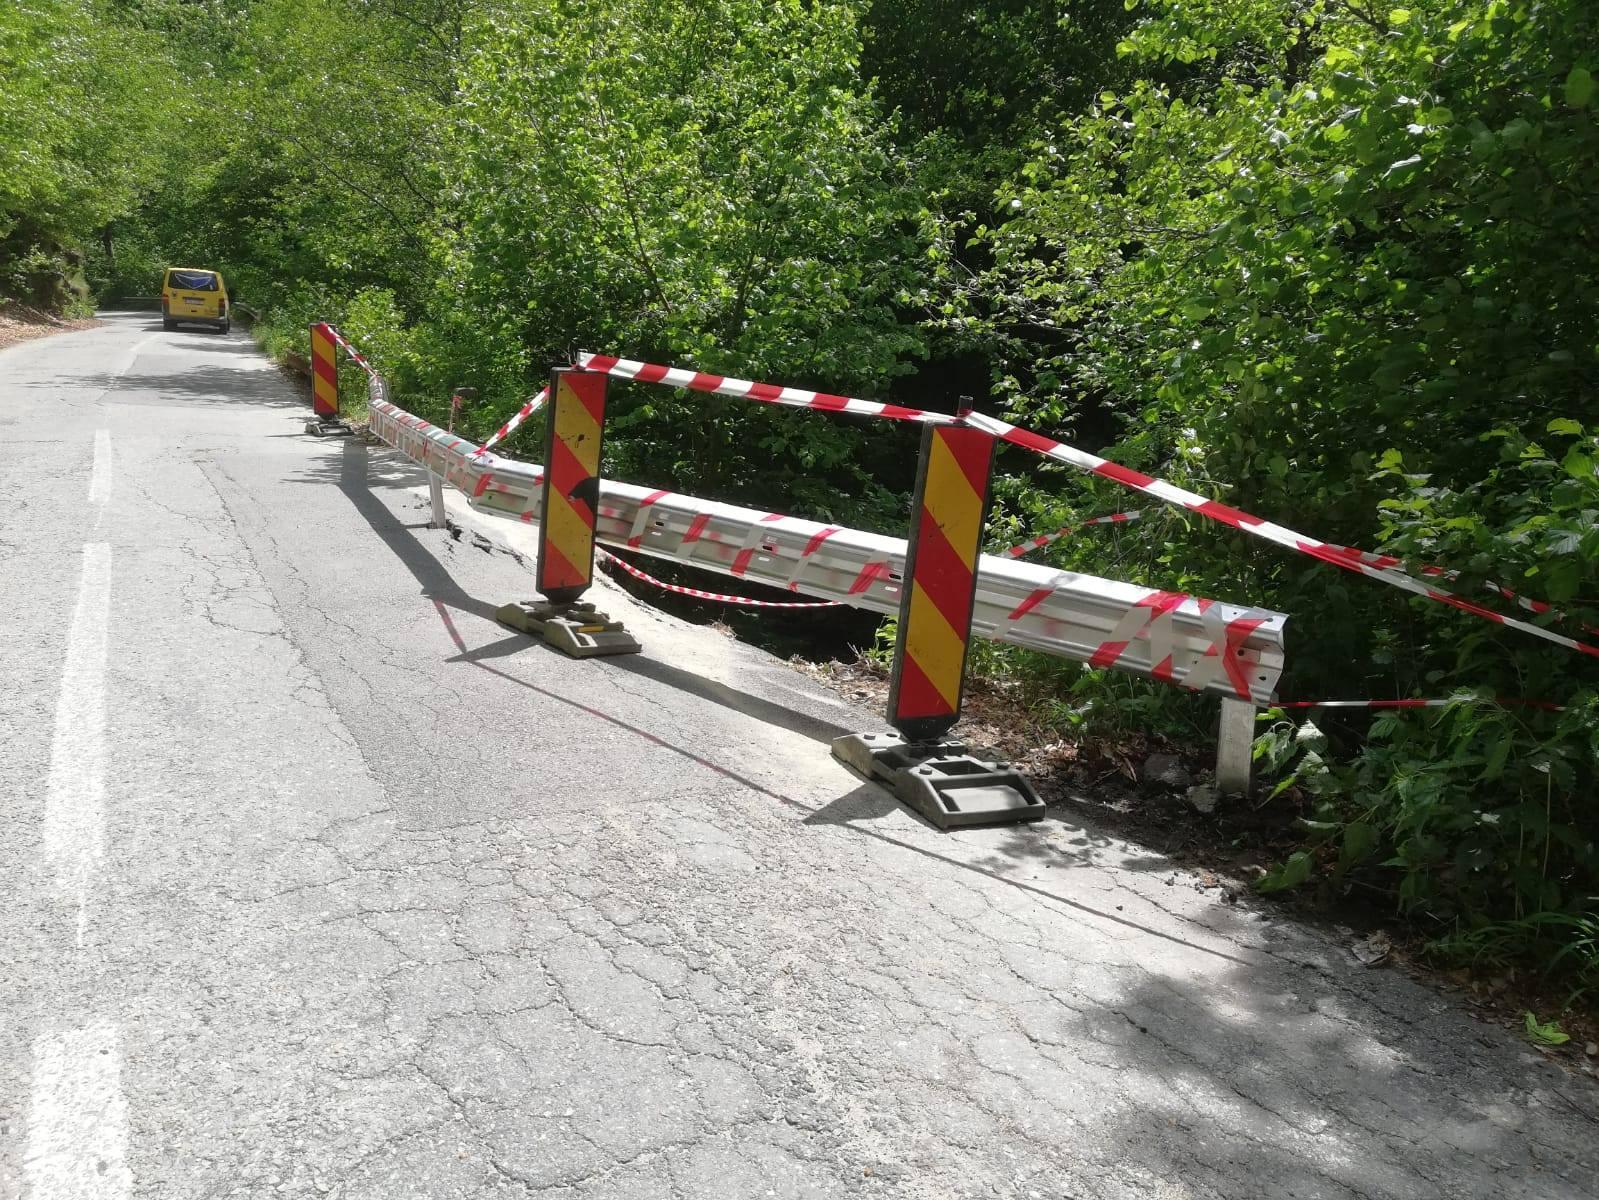 Județul Sibiu primește 4,9 milioane lei de la Guvern pentru refacerea drumurilor afectate de calamitățile naturale